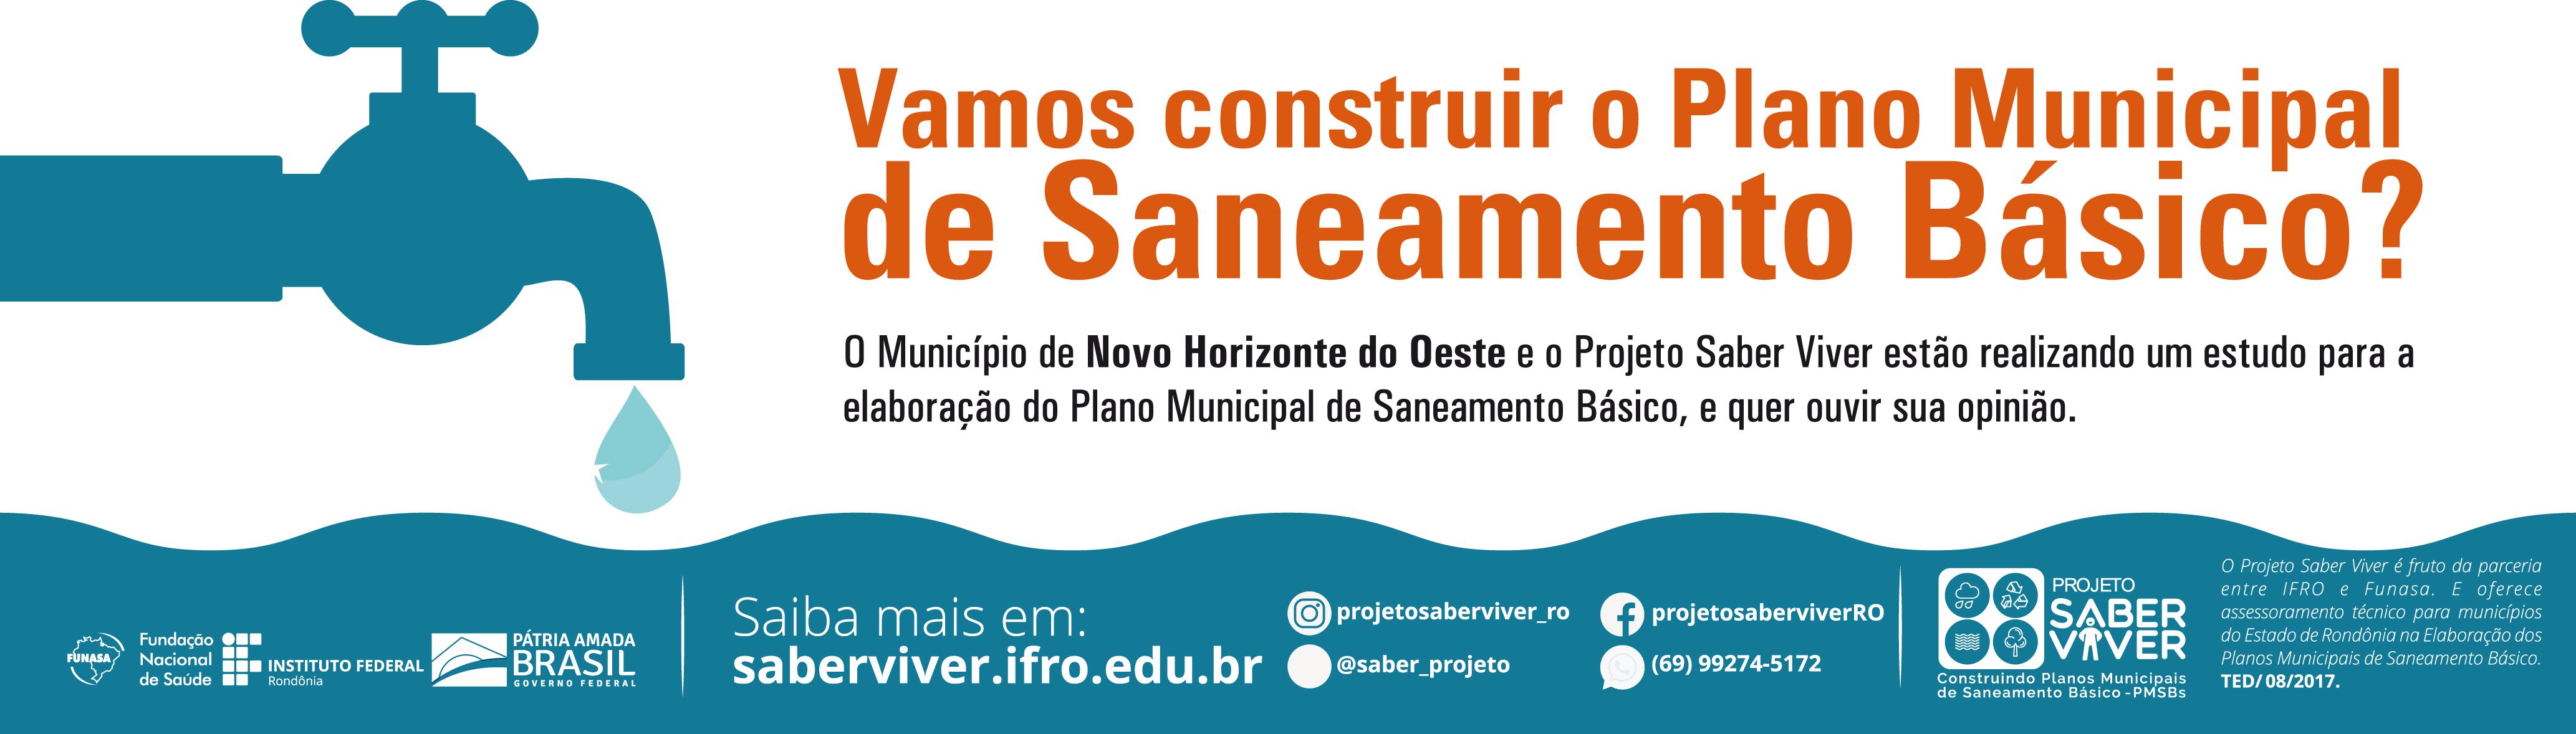 ELABORAÇÃO DO PLANO MUNICIPAL DE SANEAMENTO BÁSICO DO MUNICÍPIO DE NOVO HORIZONTE DO OESTE/RO